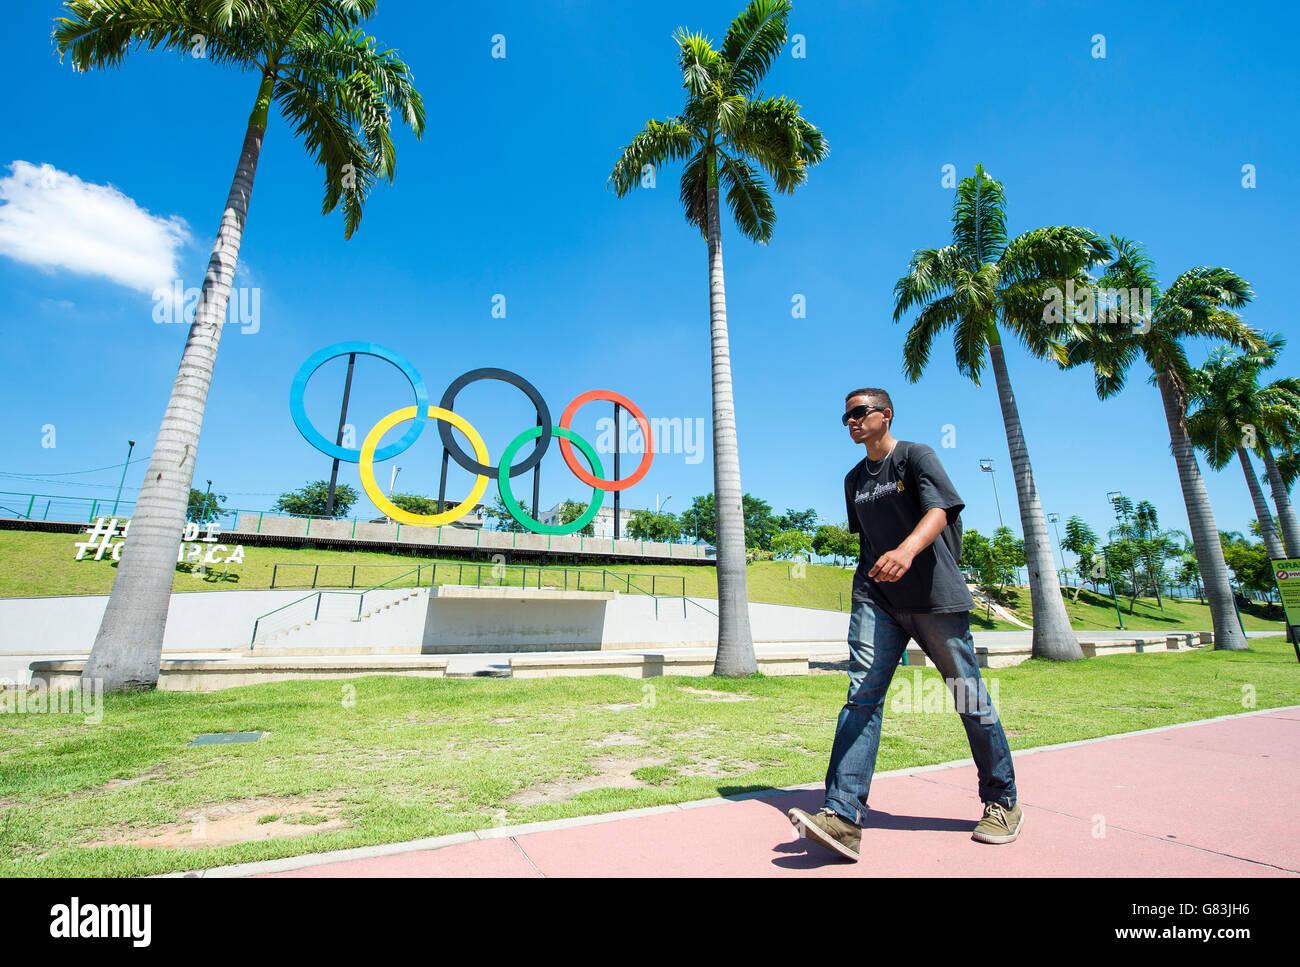 RIO DE JANEIRO - le 18 mars 2016: un piéton passe devant des anneaux olympiques installés dans Parque Photo Stock